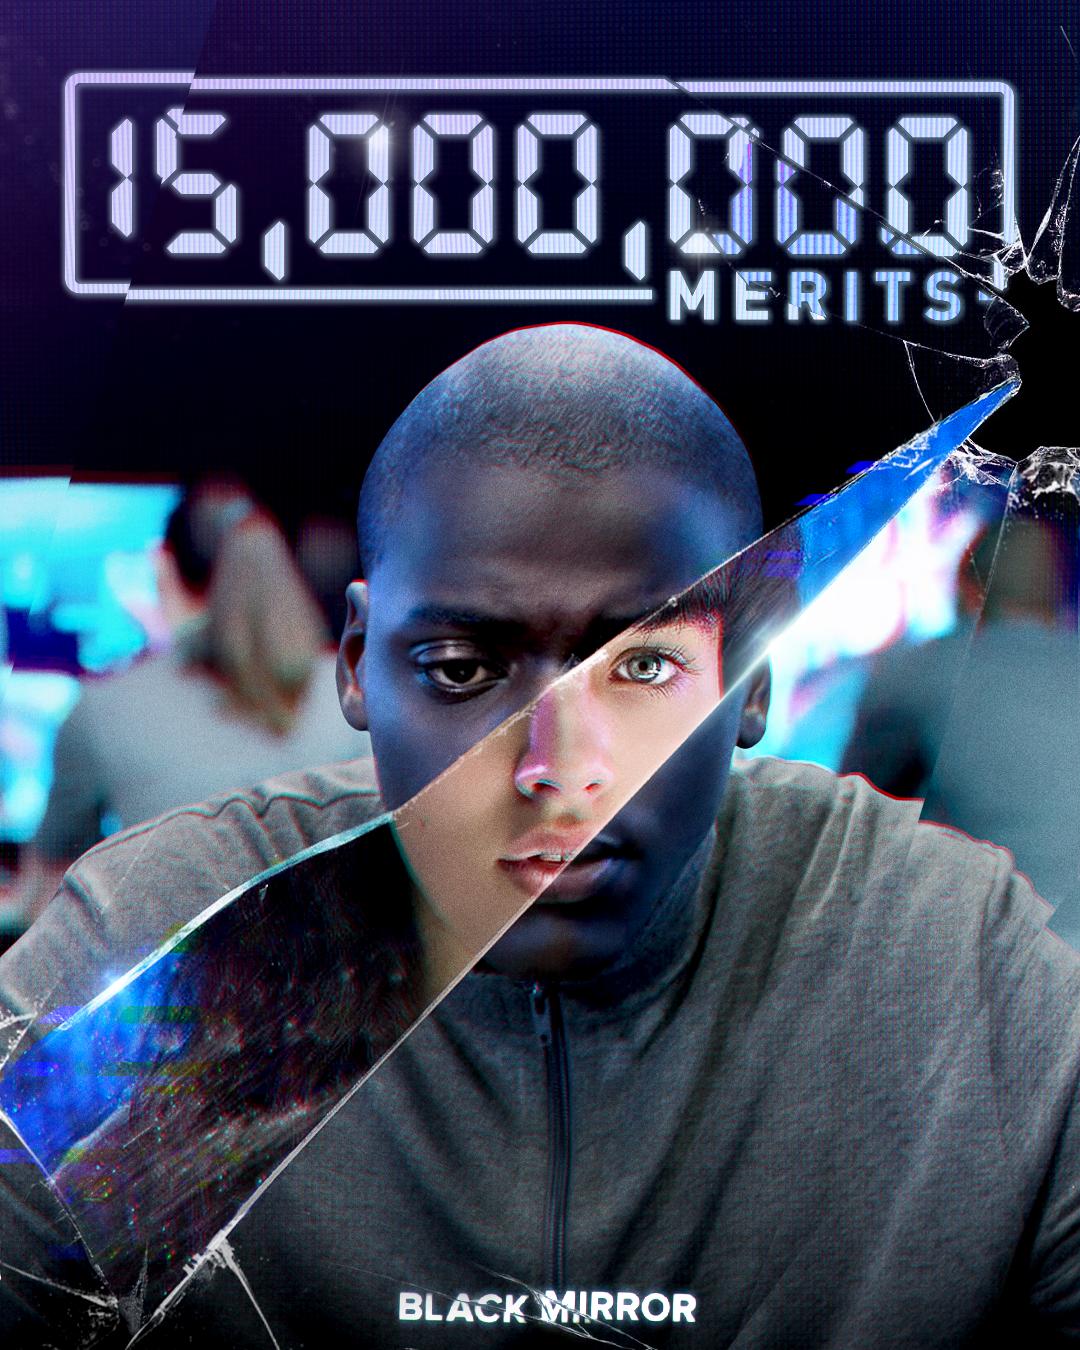 Black Mirror Fifteen Million Merits